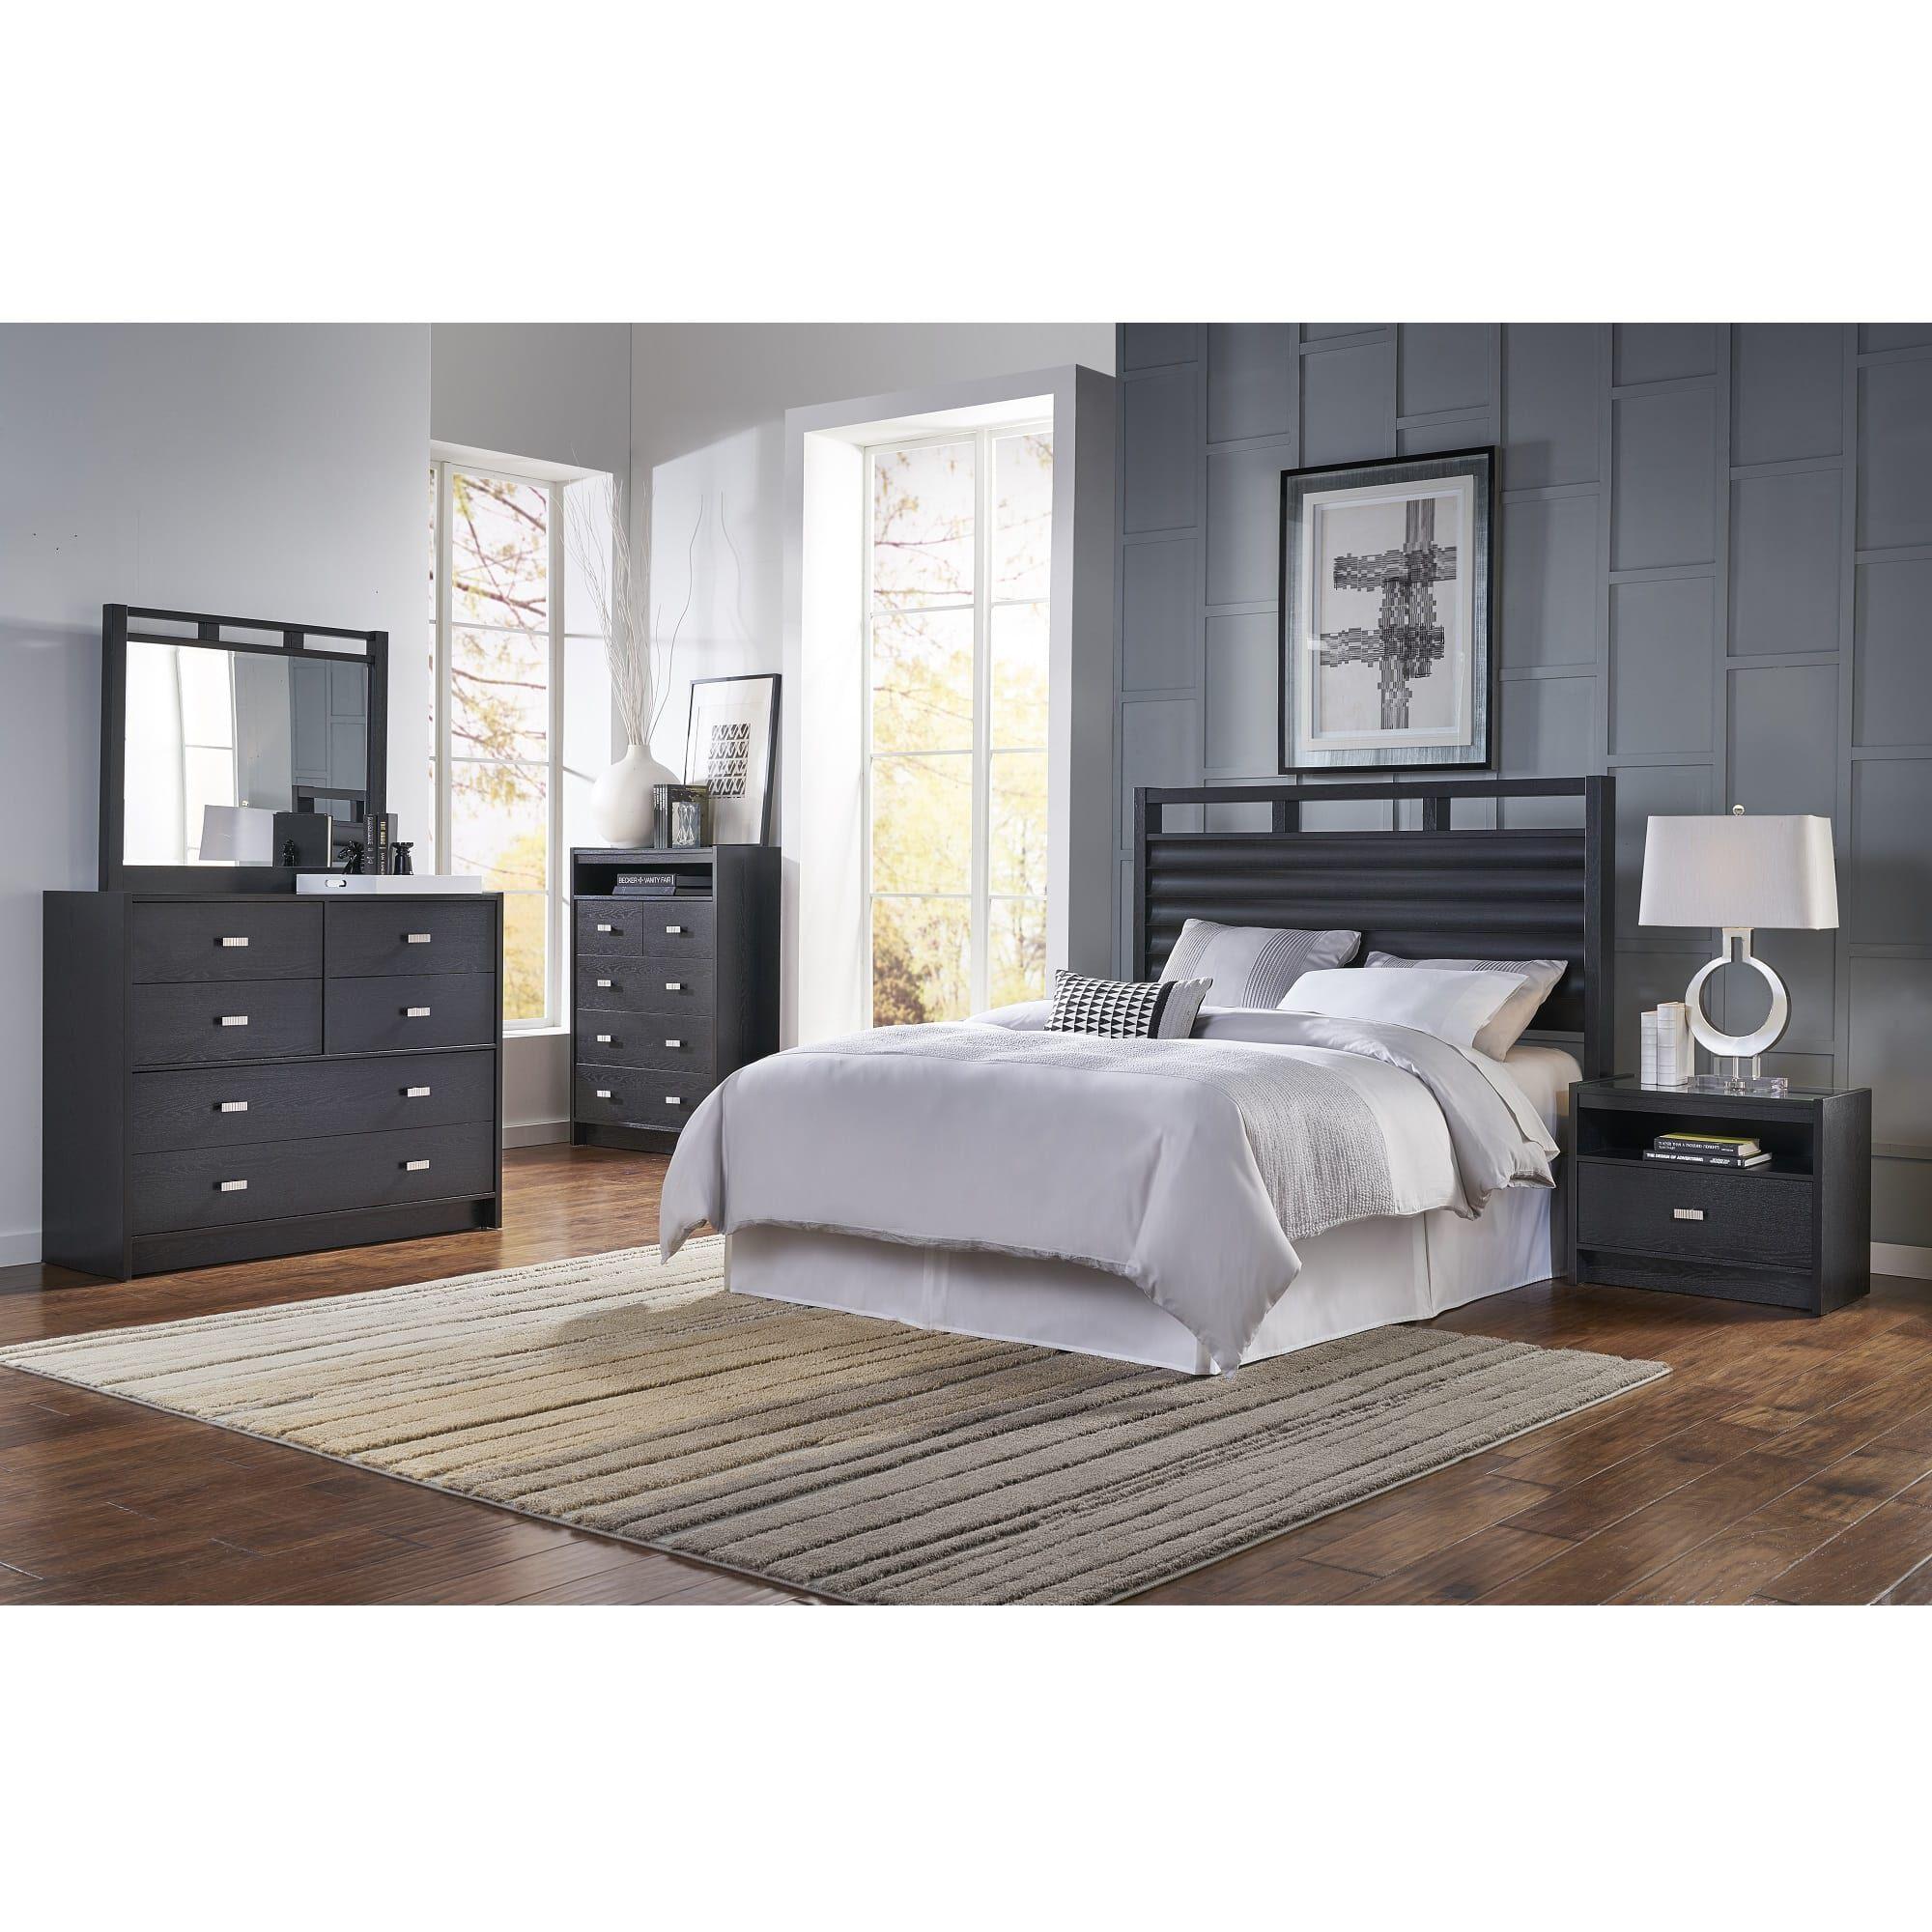 Buy asheville 5 piece bedroom set, queen, gray wood, modern (panel bed, dresser, mirror, chest, 1 nightstand) at walmart.com. Ideaitalia Bedroom Sets 5-Piece Soho Queen Bedroom Collection